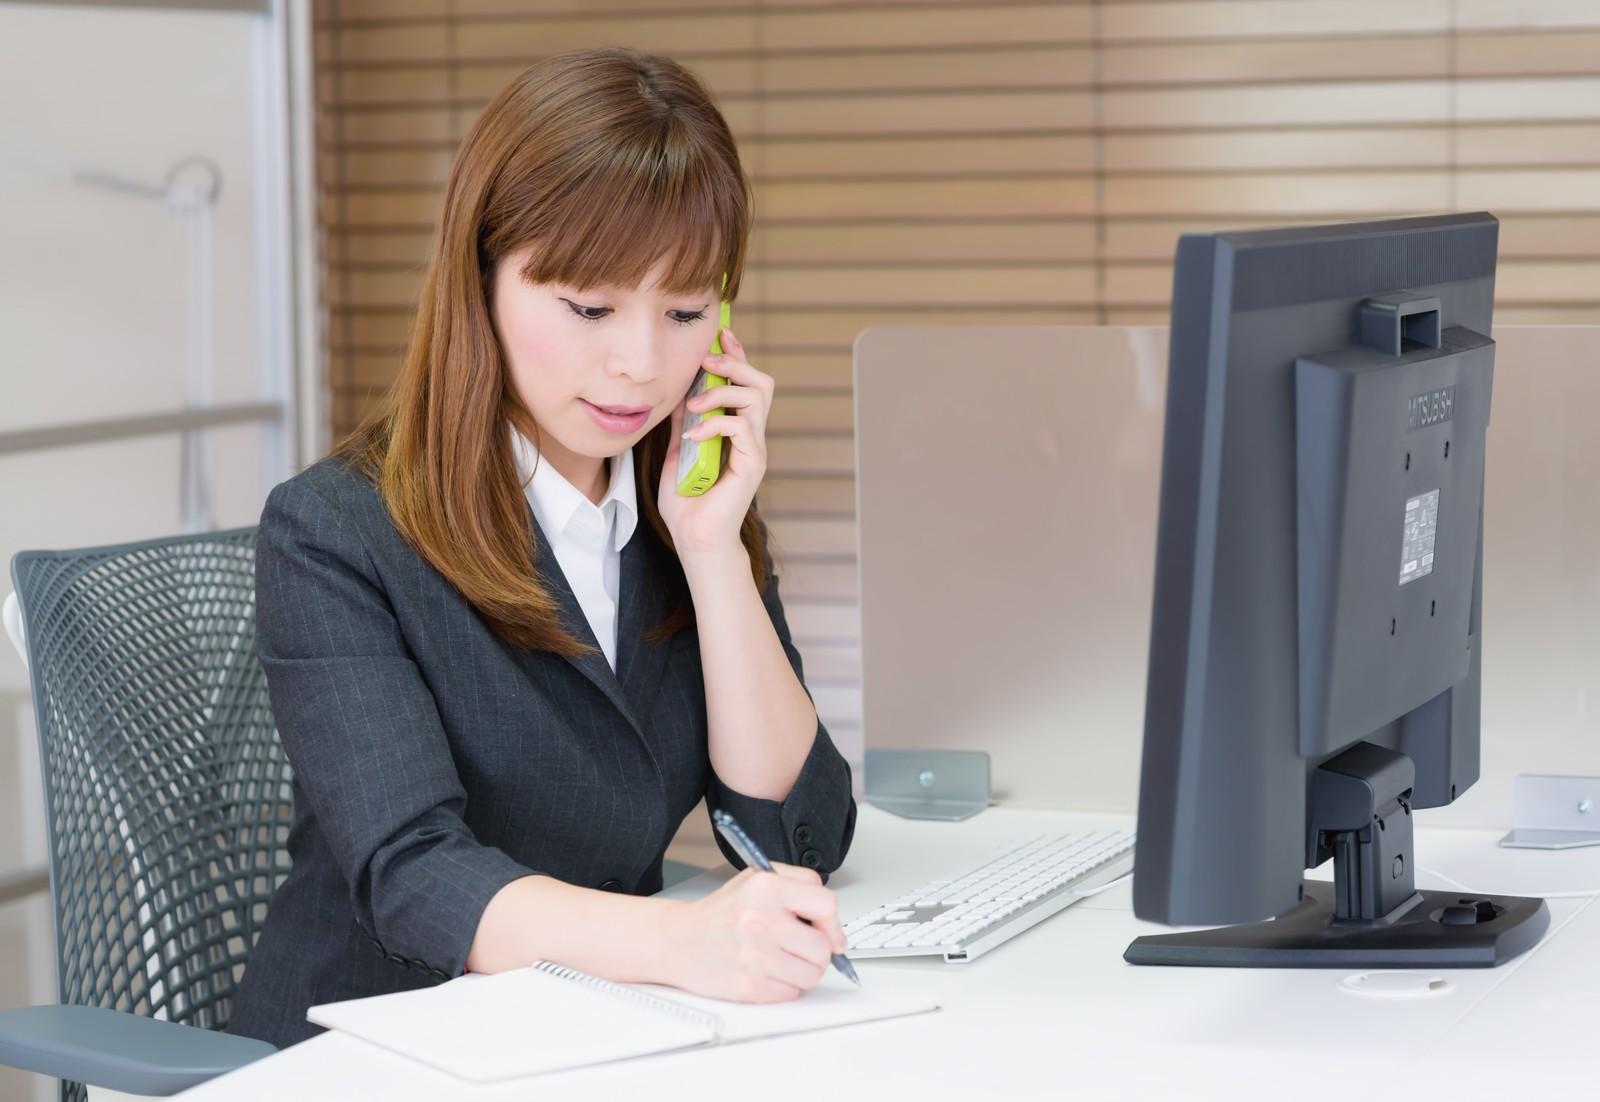 30代の契約社員は女性でも真面目に正社員への転職を考えるべき。将来の不安は増してくばかり。